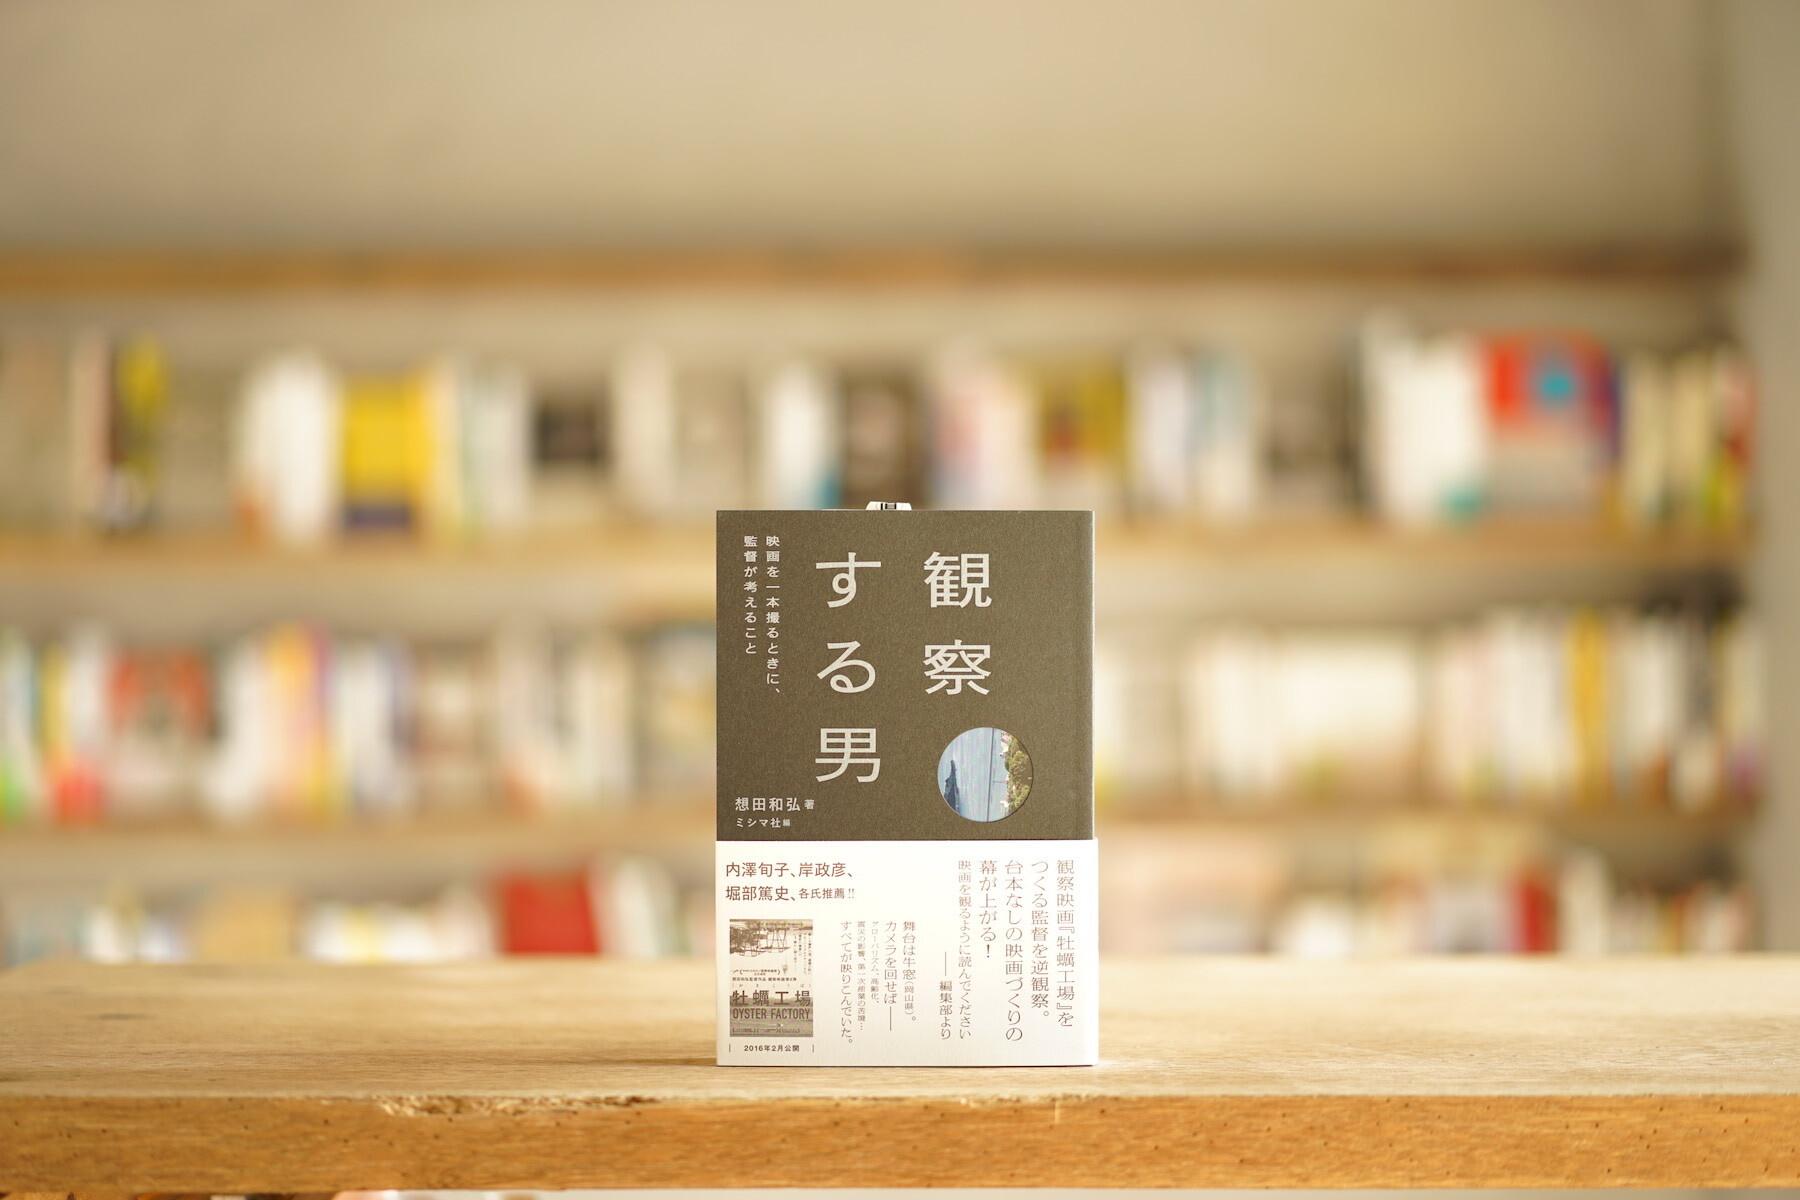 想田和弘 編:ミシマ社 『観察する男 映画を一本撮るときに、監督が考えること』 (ミシマ社、2016)